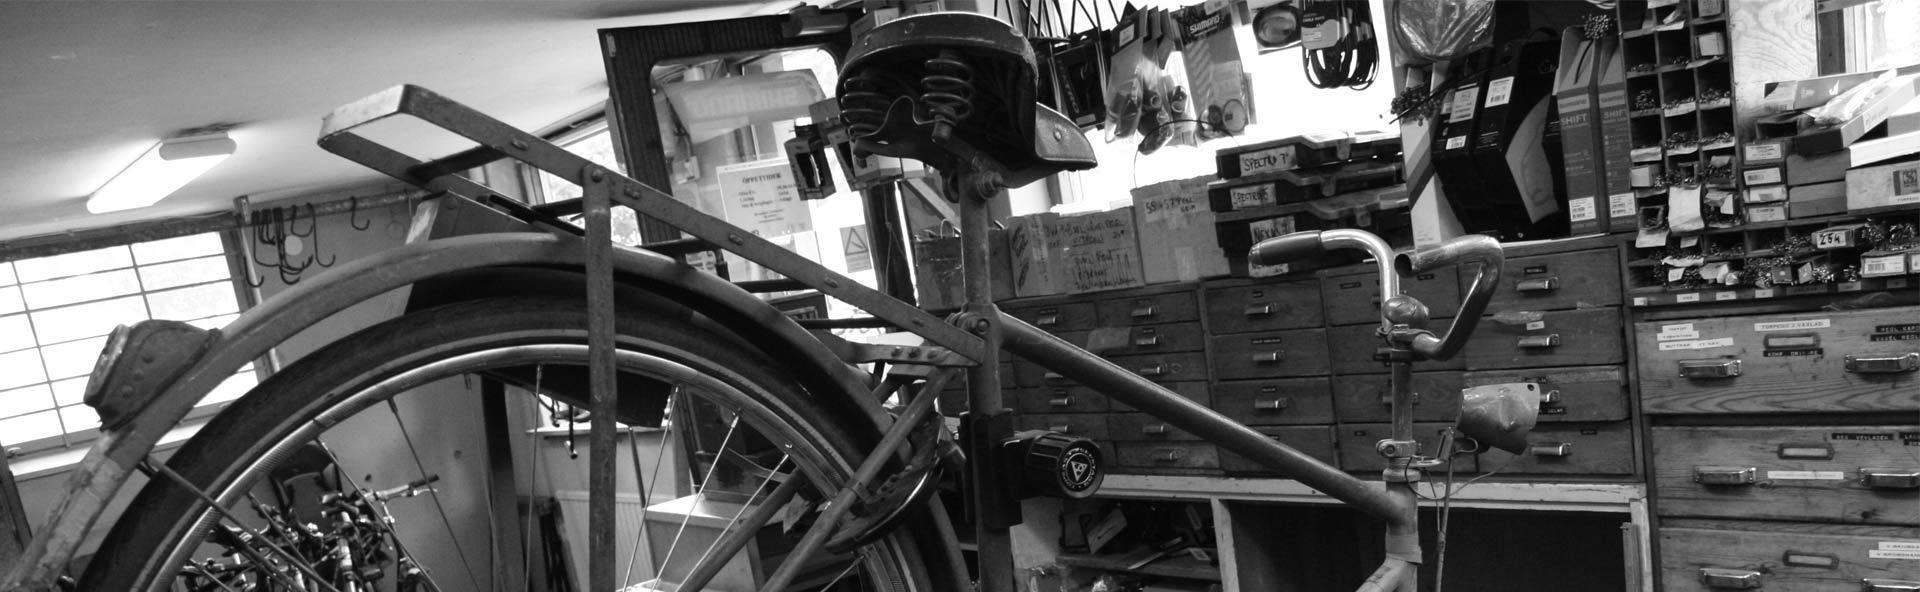 gamla cyklar från privatpersoner och föreningar